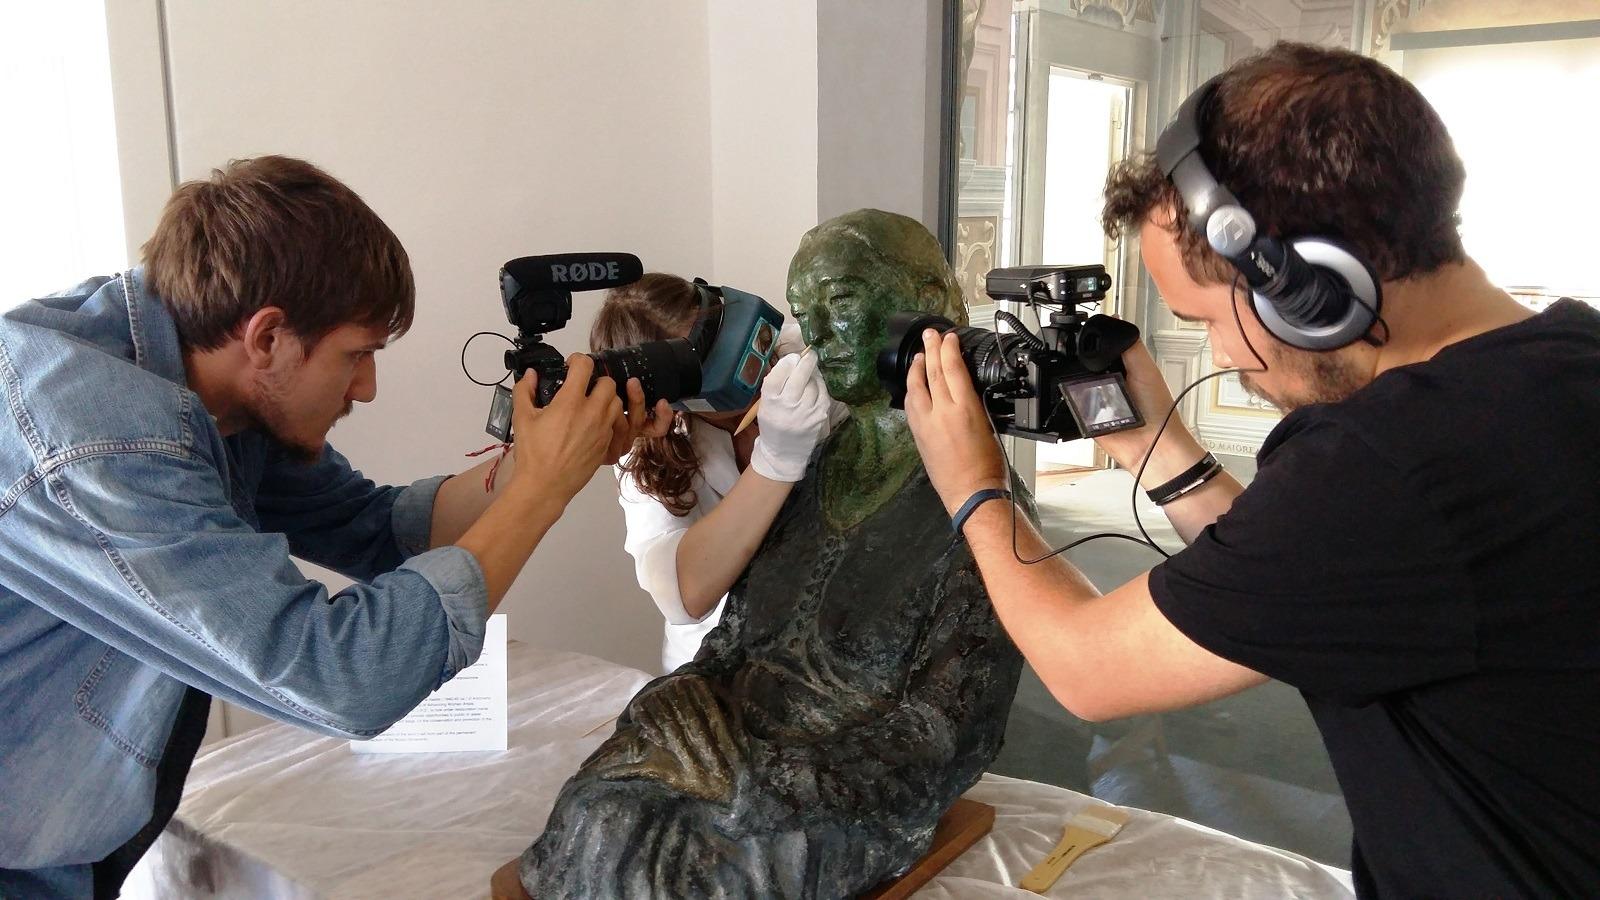 Mrs. Della Ragione captured by Natia Docufilm crew